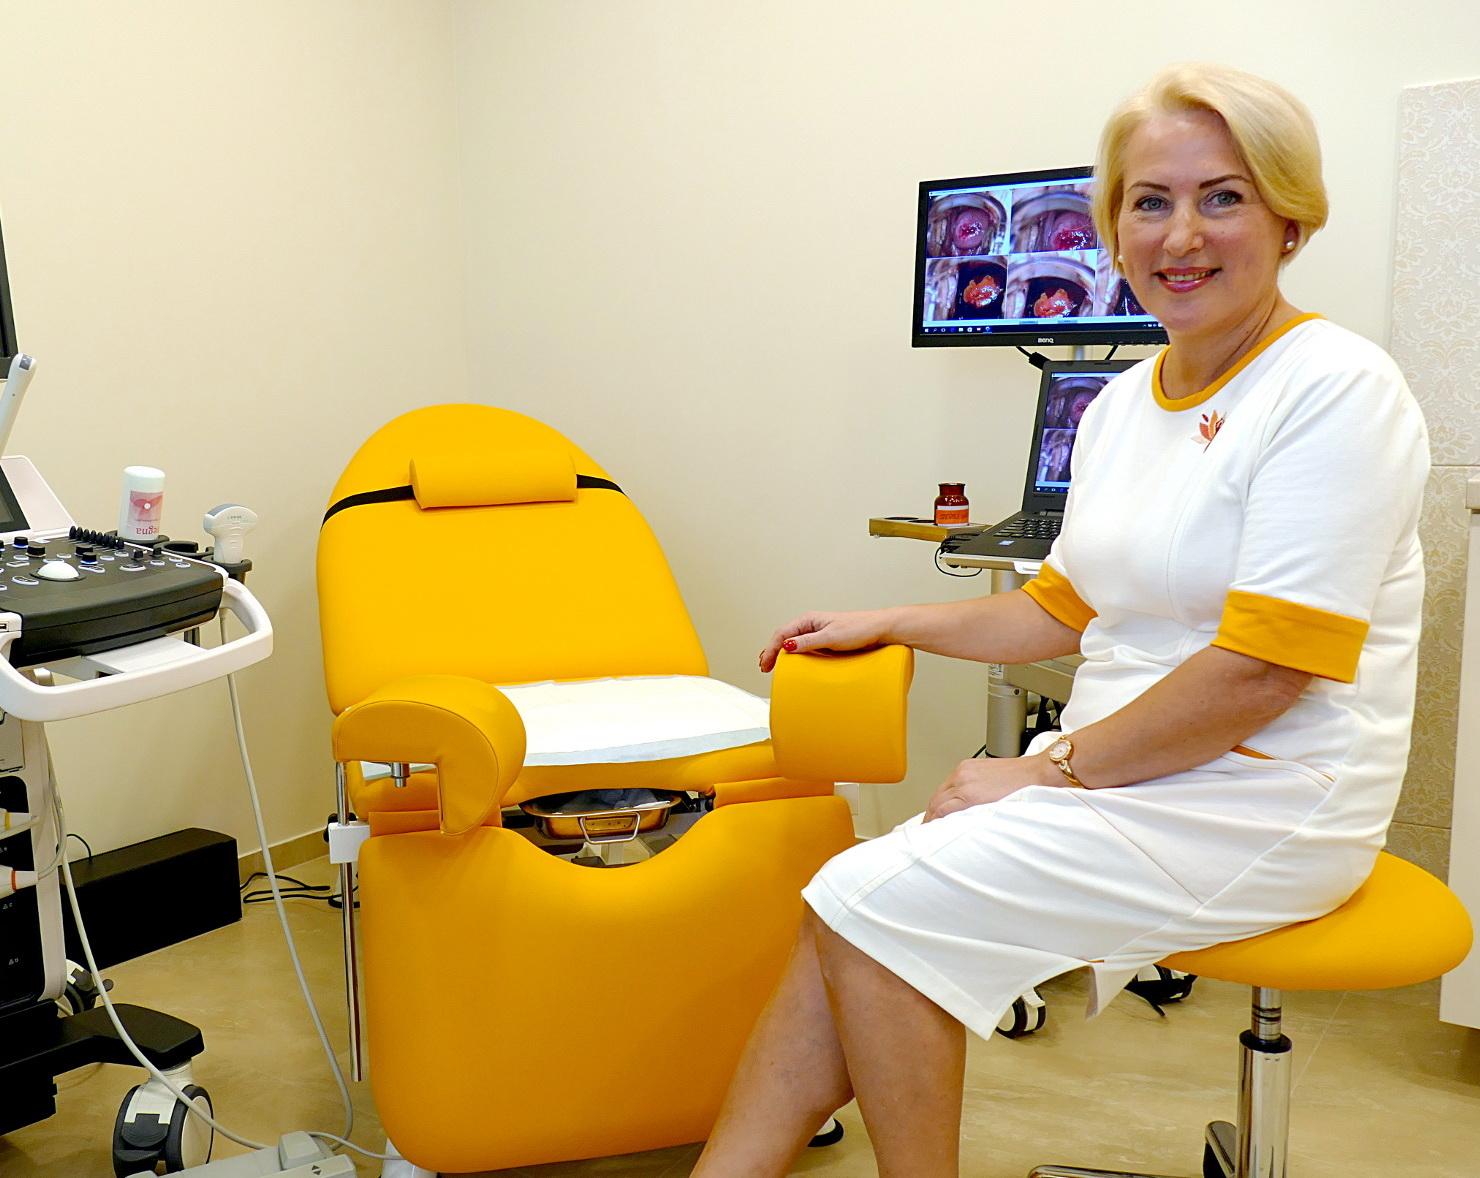 Moterų sveikatos centro steigėja Vida Kvederienė nesigaili išleidusi daug pinigų gerai medicinos įrangai.